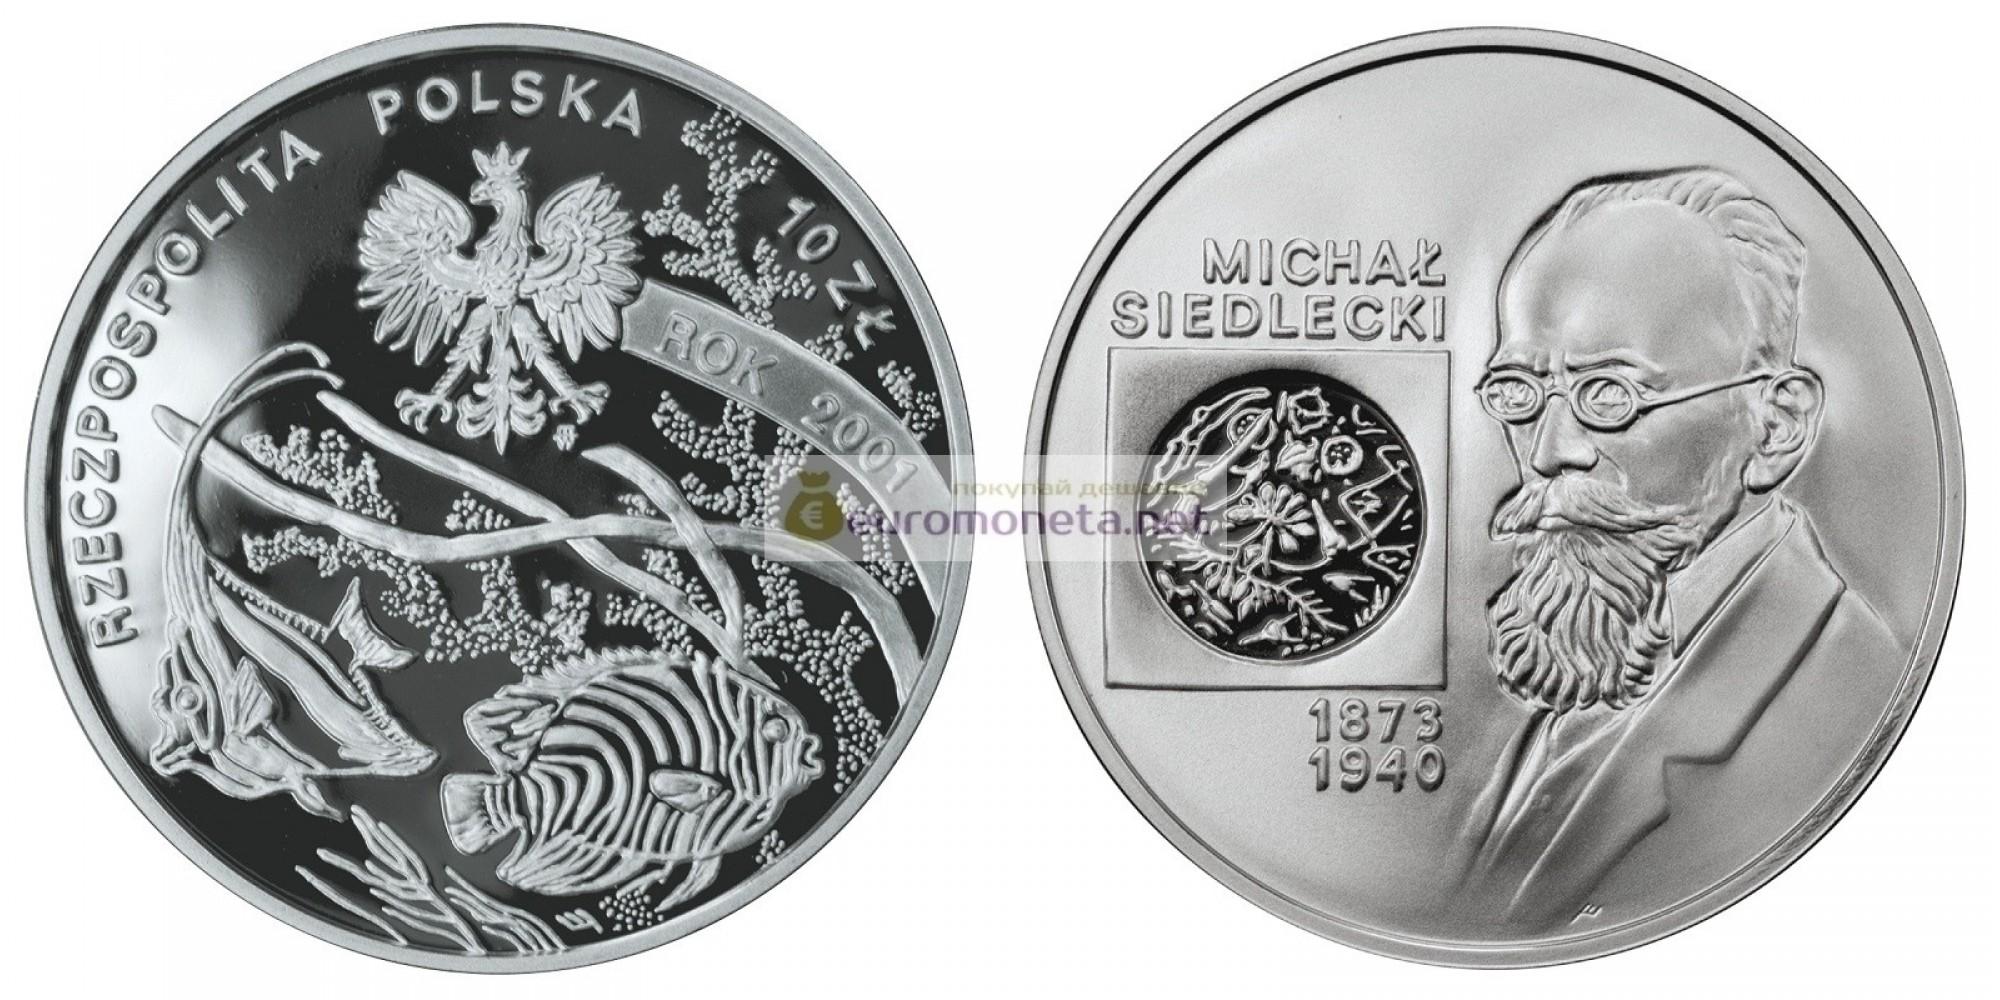 Польша 10 злотых 2001 год Польские путешественники и первопроходцы Михал Седлецкий (1873-1940) серебро пруф